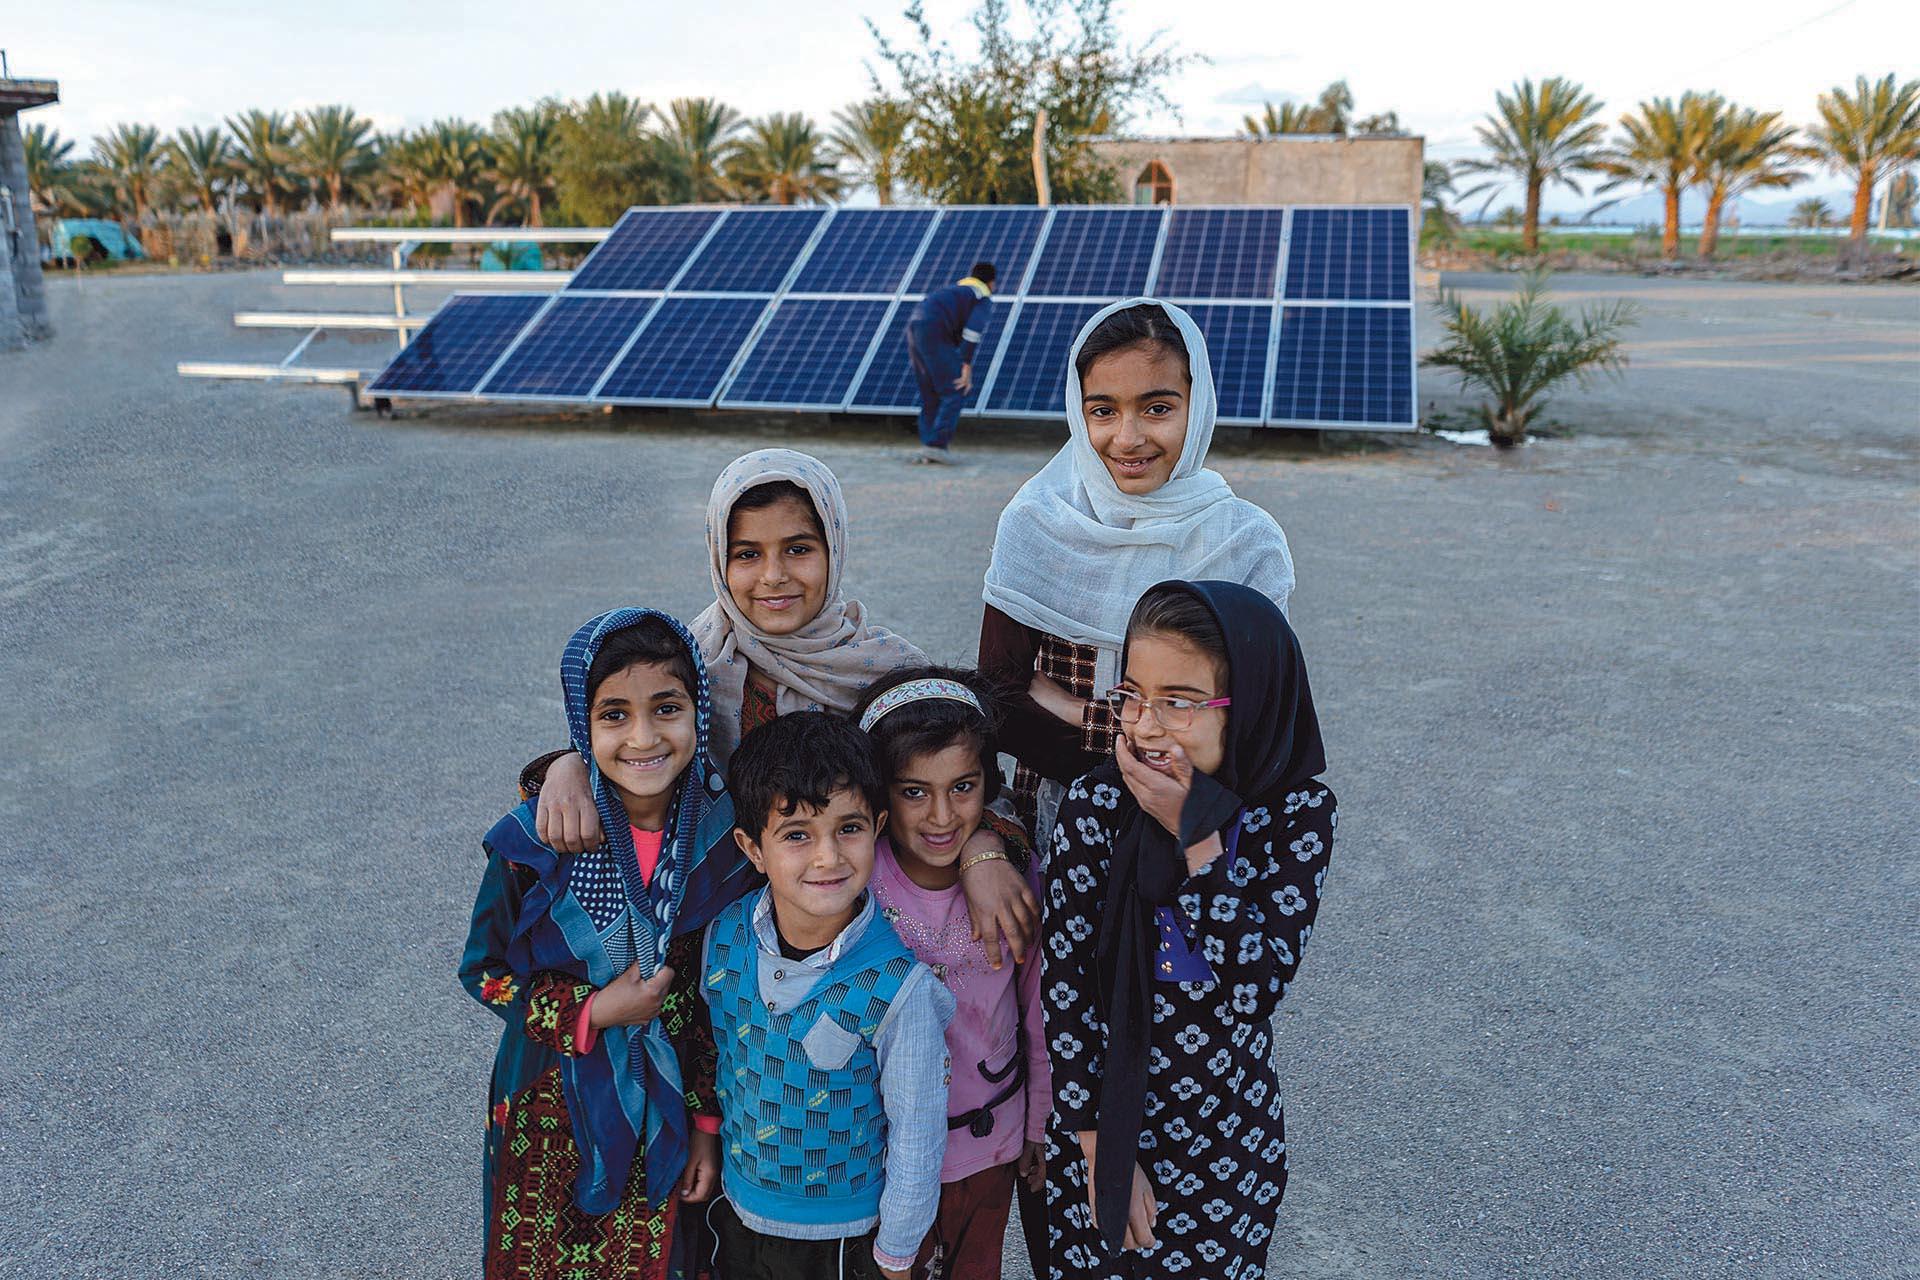 ۵۲۰ مددجوی کمیته امداد به جمع تولیدکنندگان برق کشور پیوستند